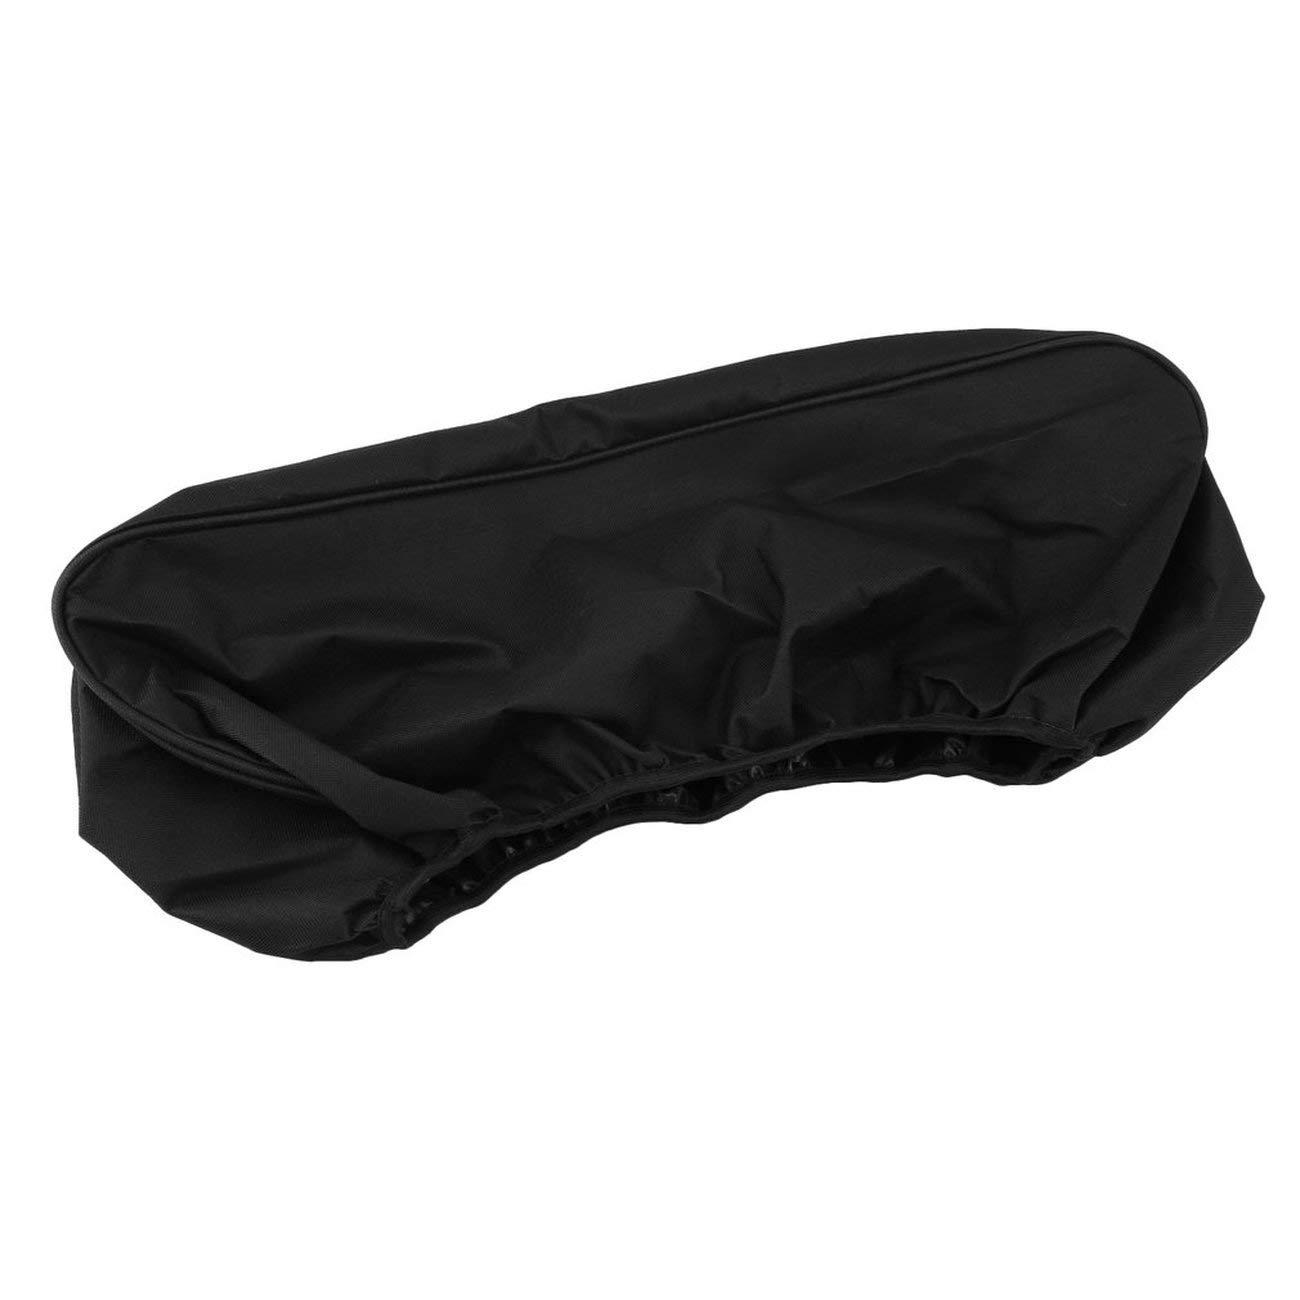 Impermeabile Soft Winch Dust Capstan Cover 600D Resistente al driver resistente alle muffe 8000-17500 Lbs Resistente ai raggi UV Nero JBP-X Jiobapiongxin